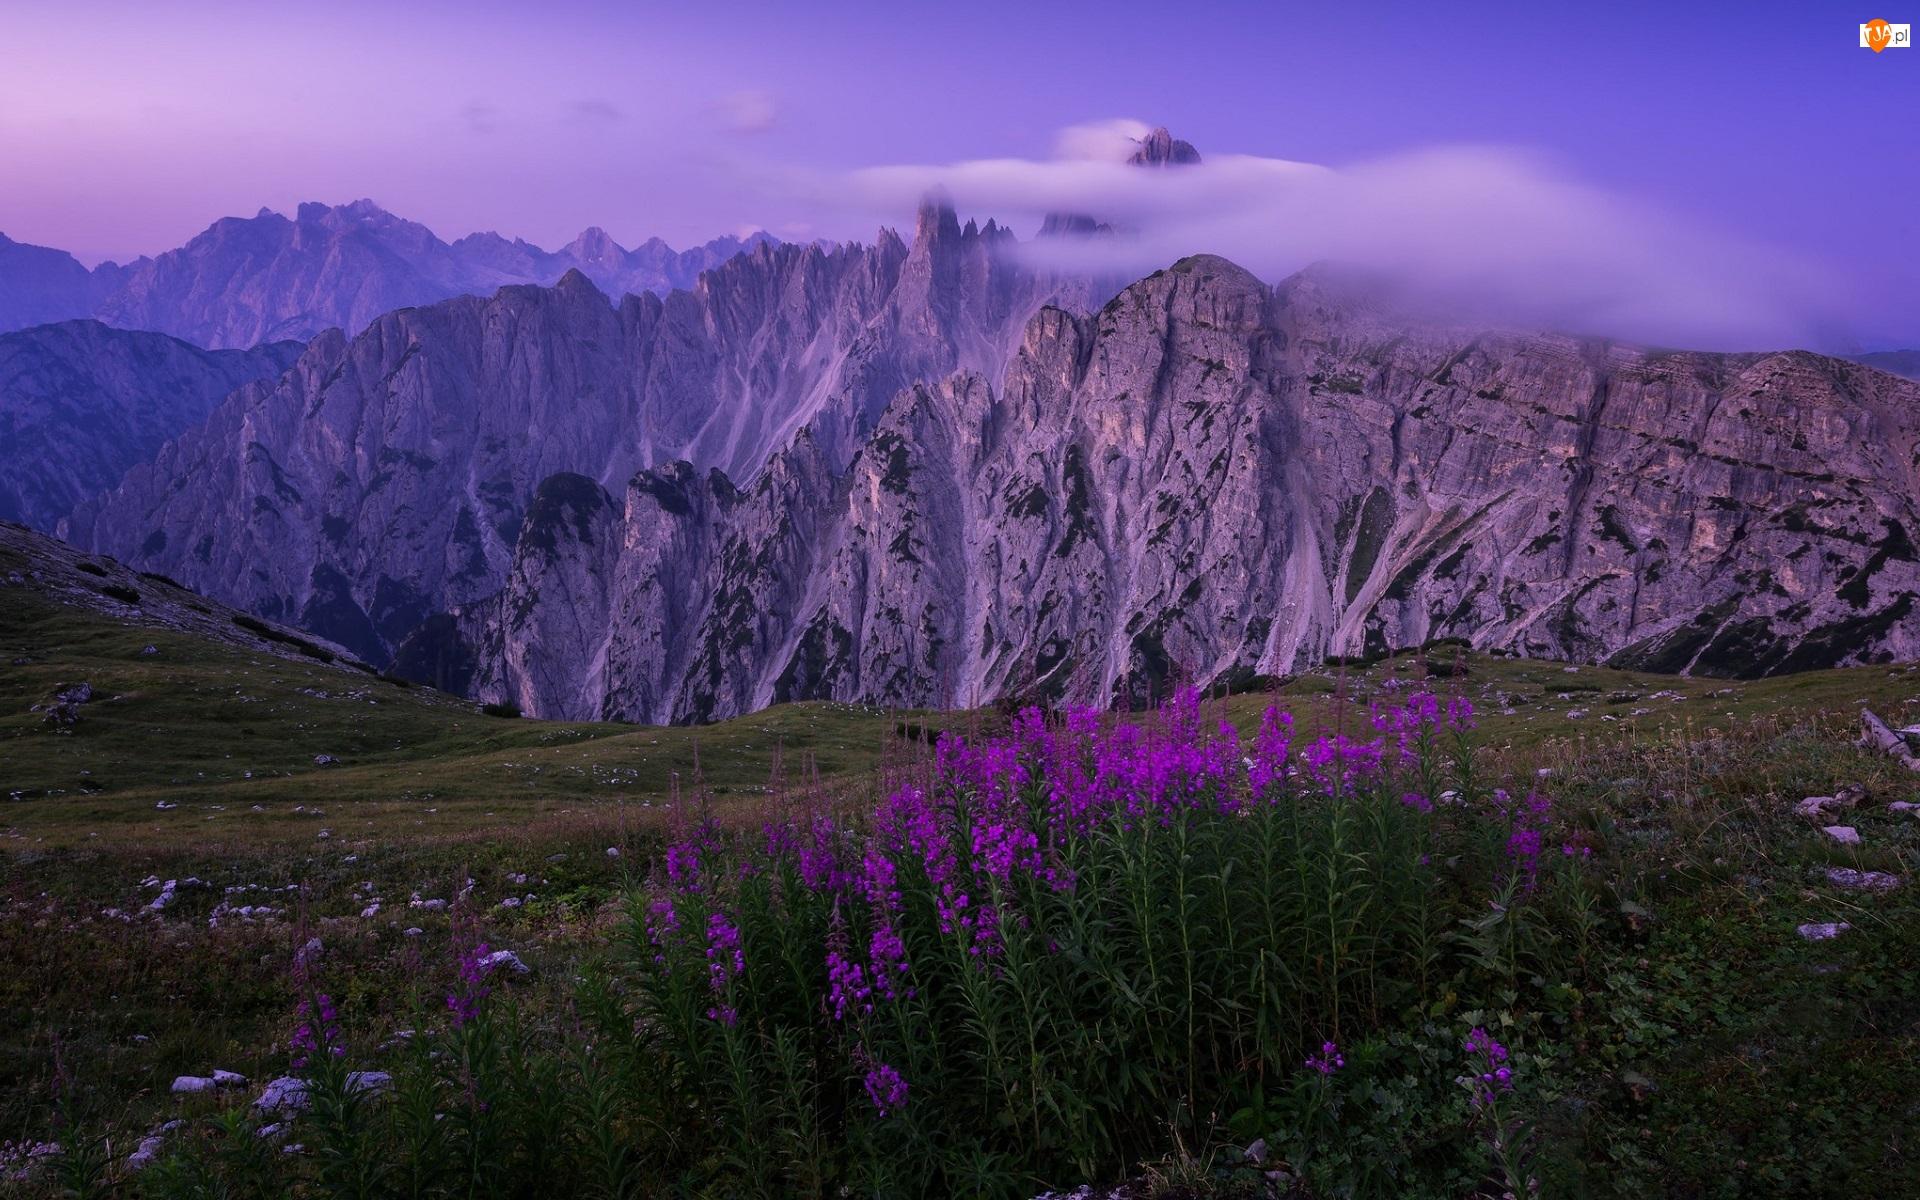 Krwawnica pospolita, Prowincja Belluno, Kwiaty, Mgła, Fioletowe, Dolomity, Pasmo górskie Cadini di Misurina, Włochy, Góry Alpy